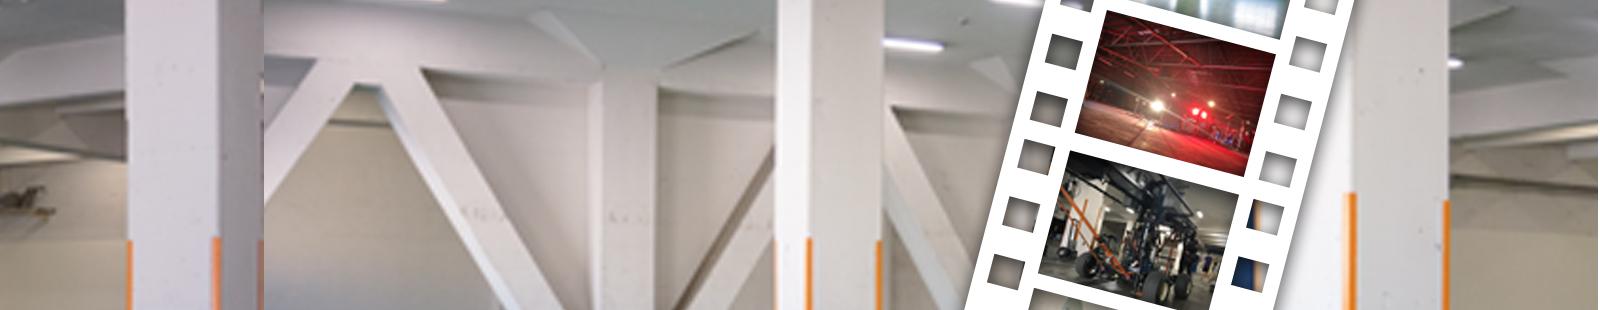 倉庫ロケ地の賃貸